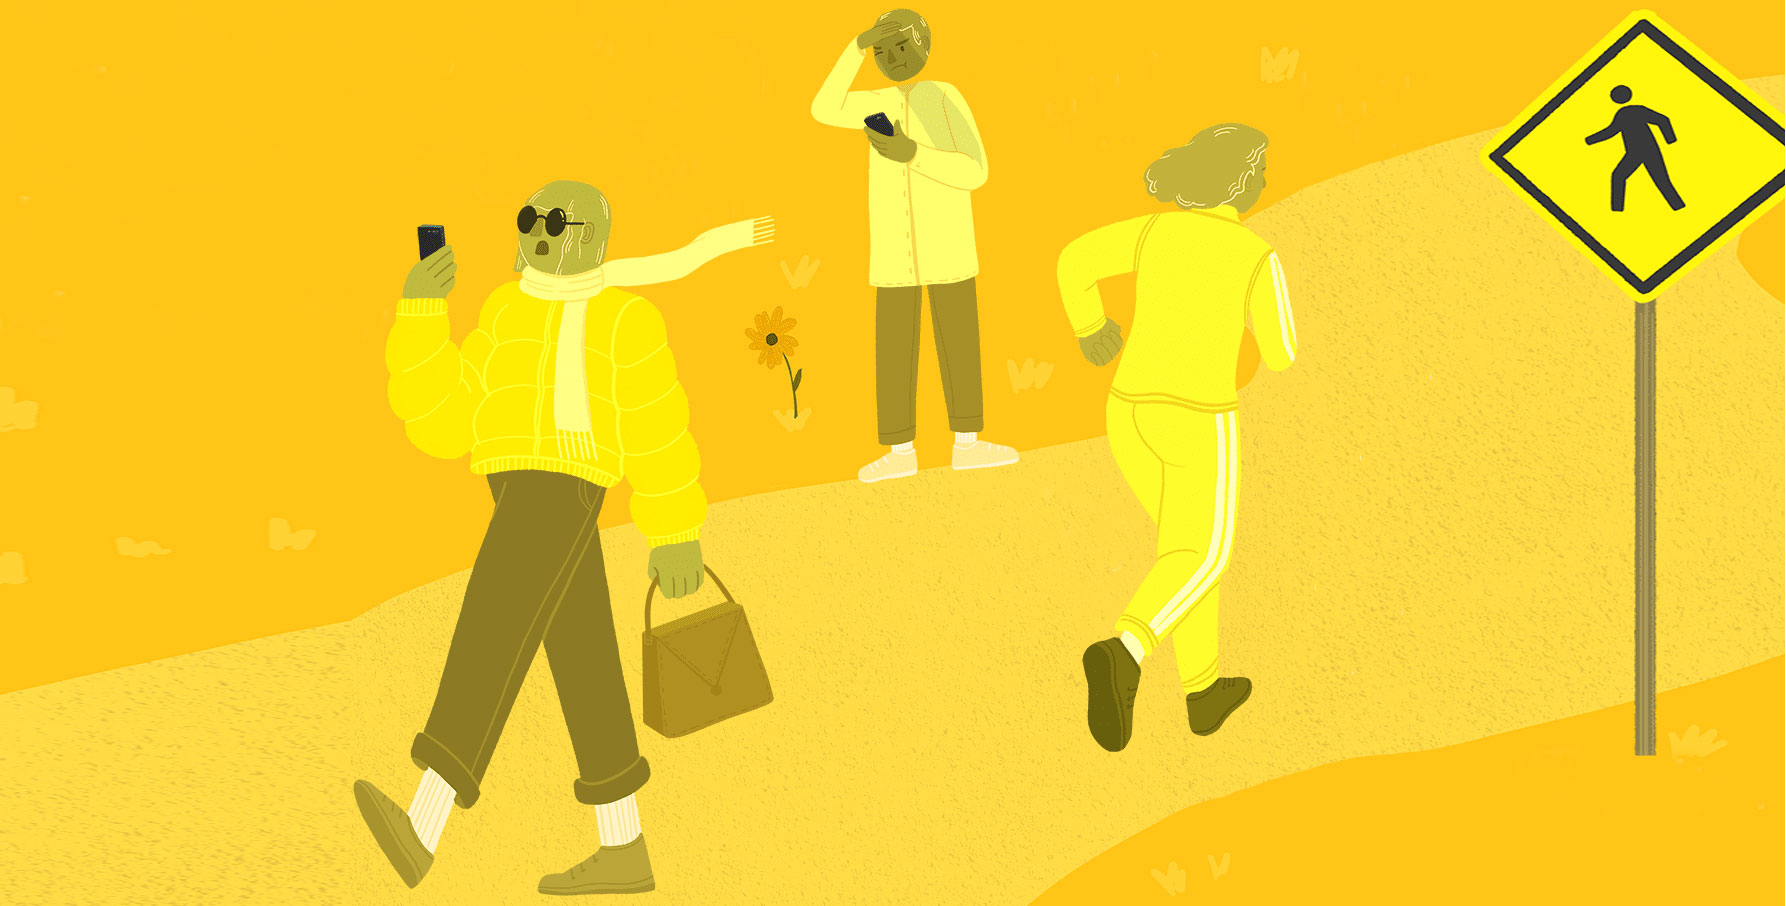 gialli giallo